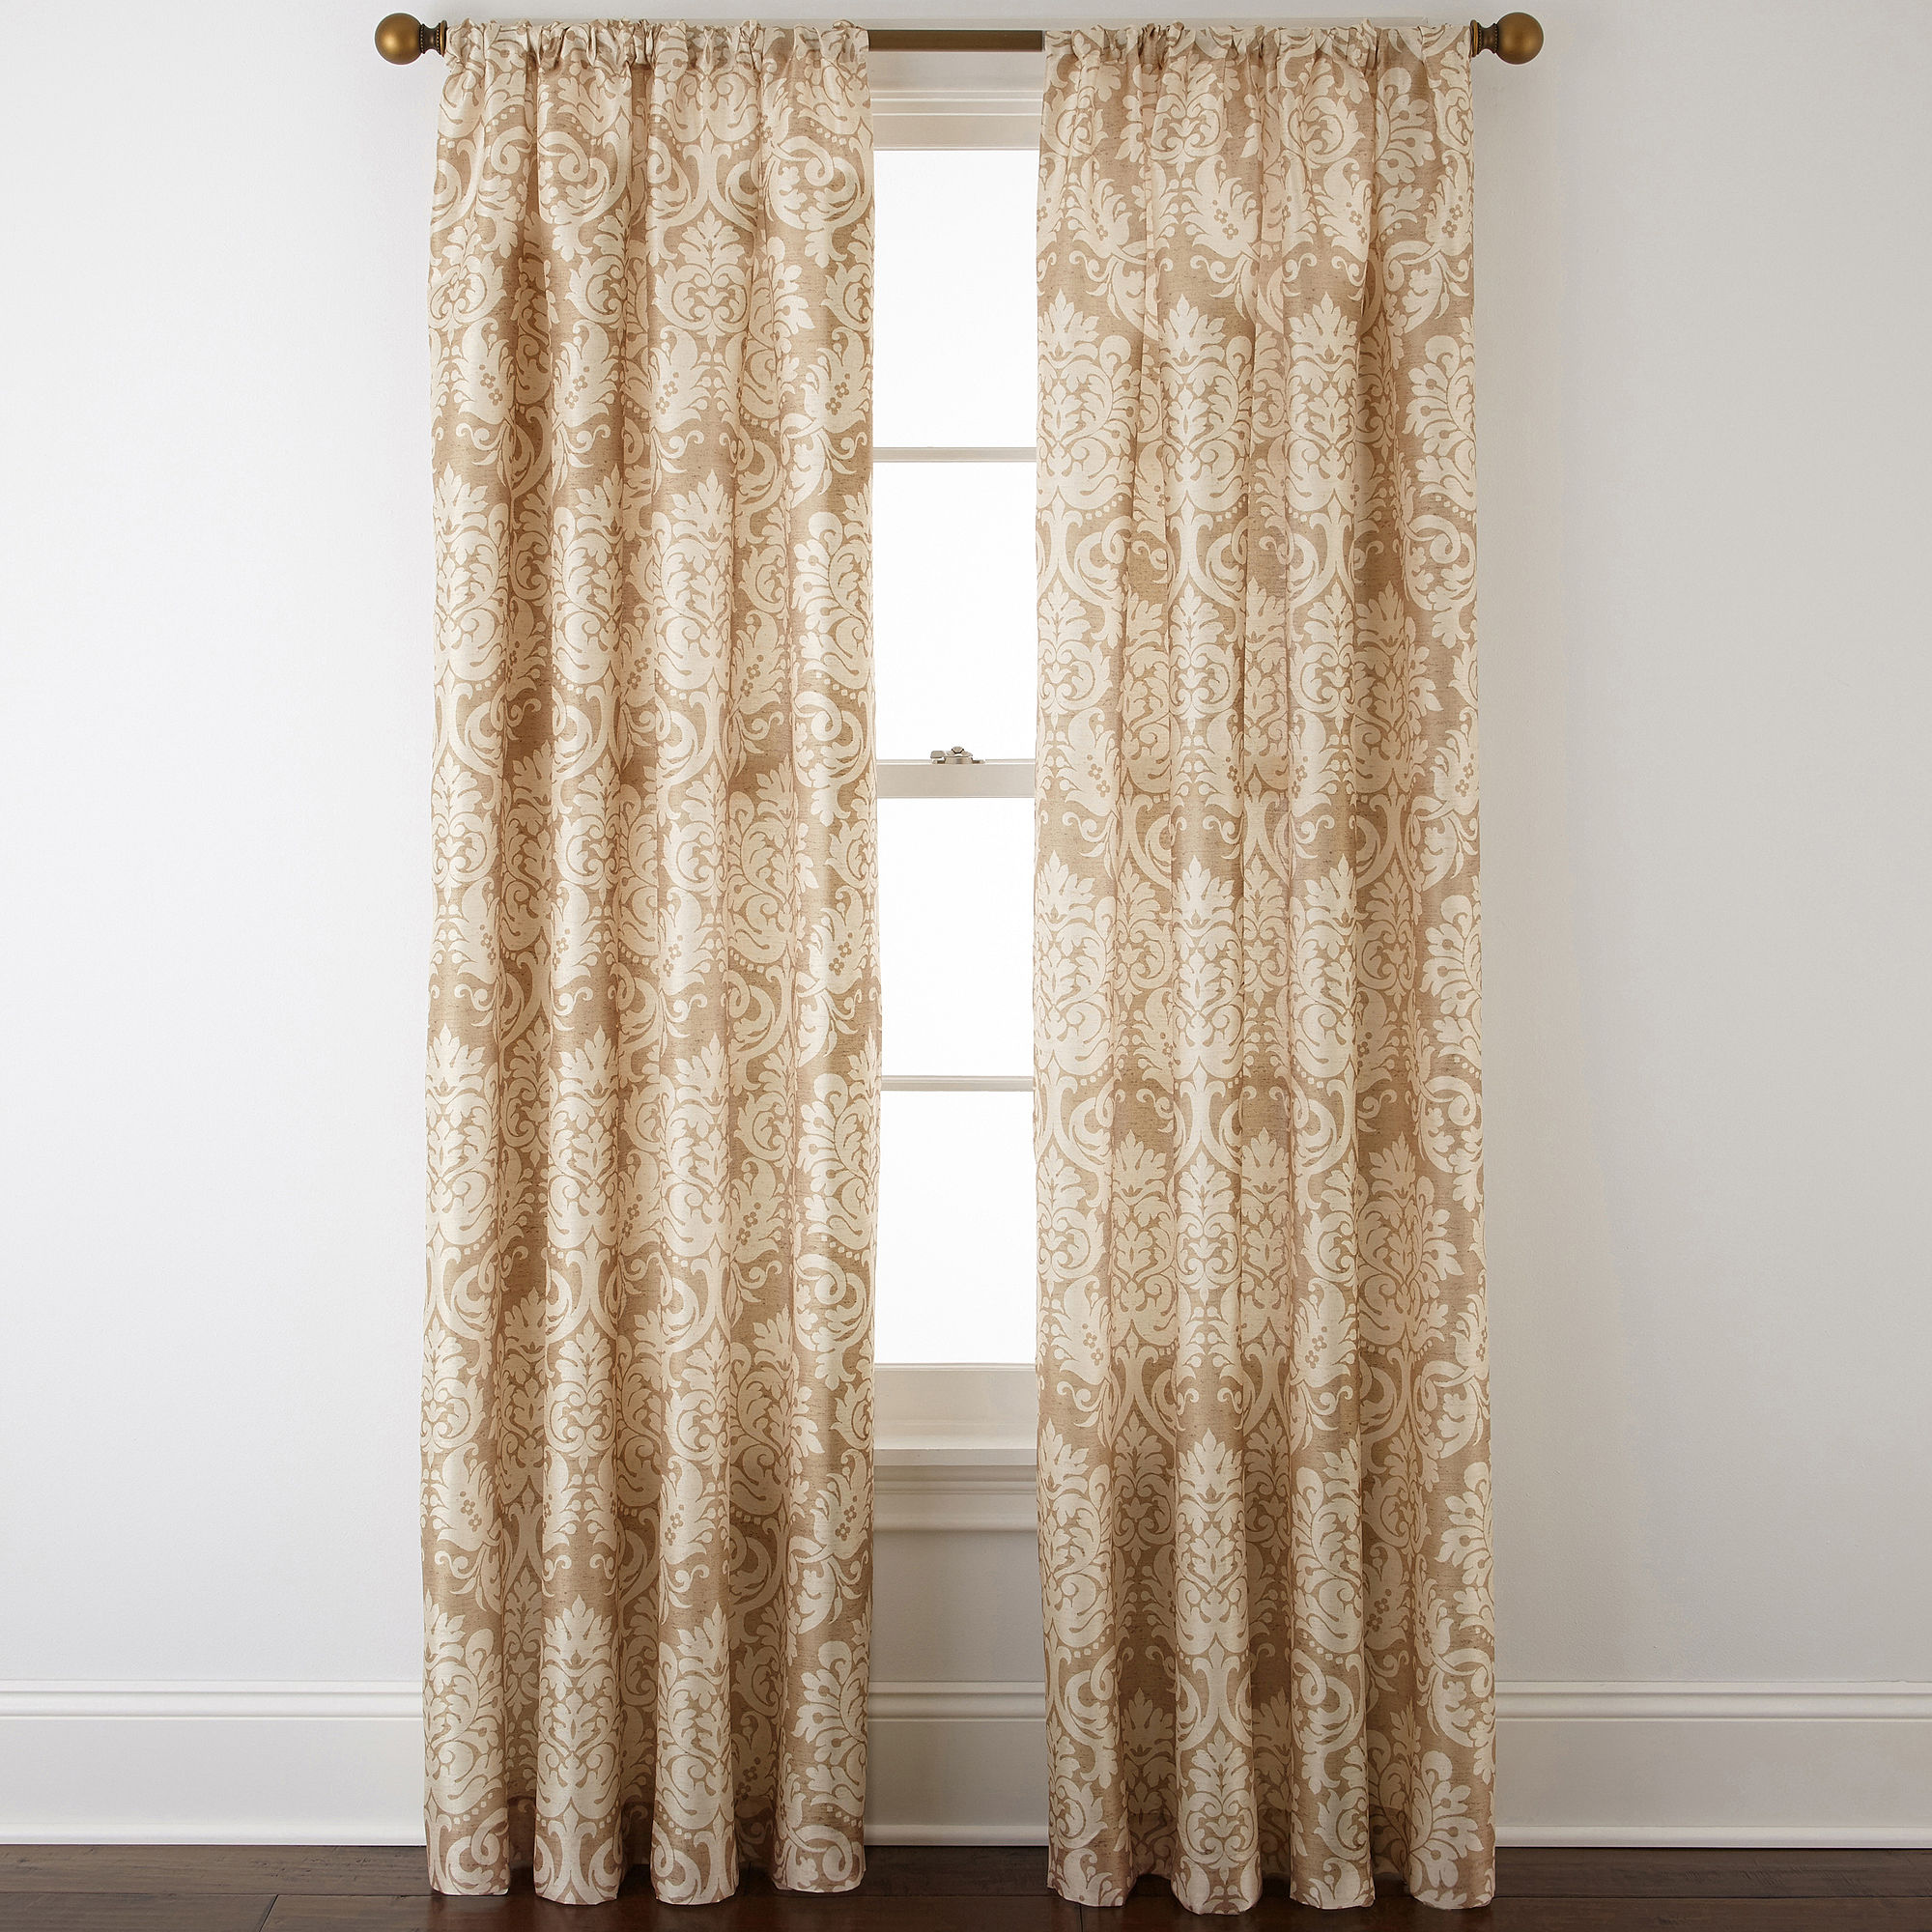 Upc 073104900026 Royal Velvet Camden Rod Pocket Curtain Panel